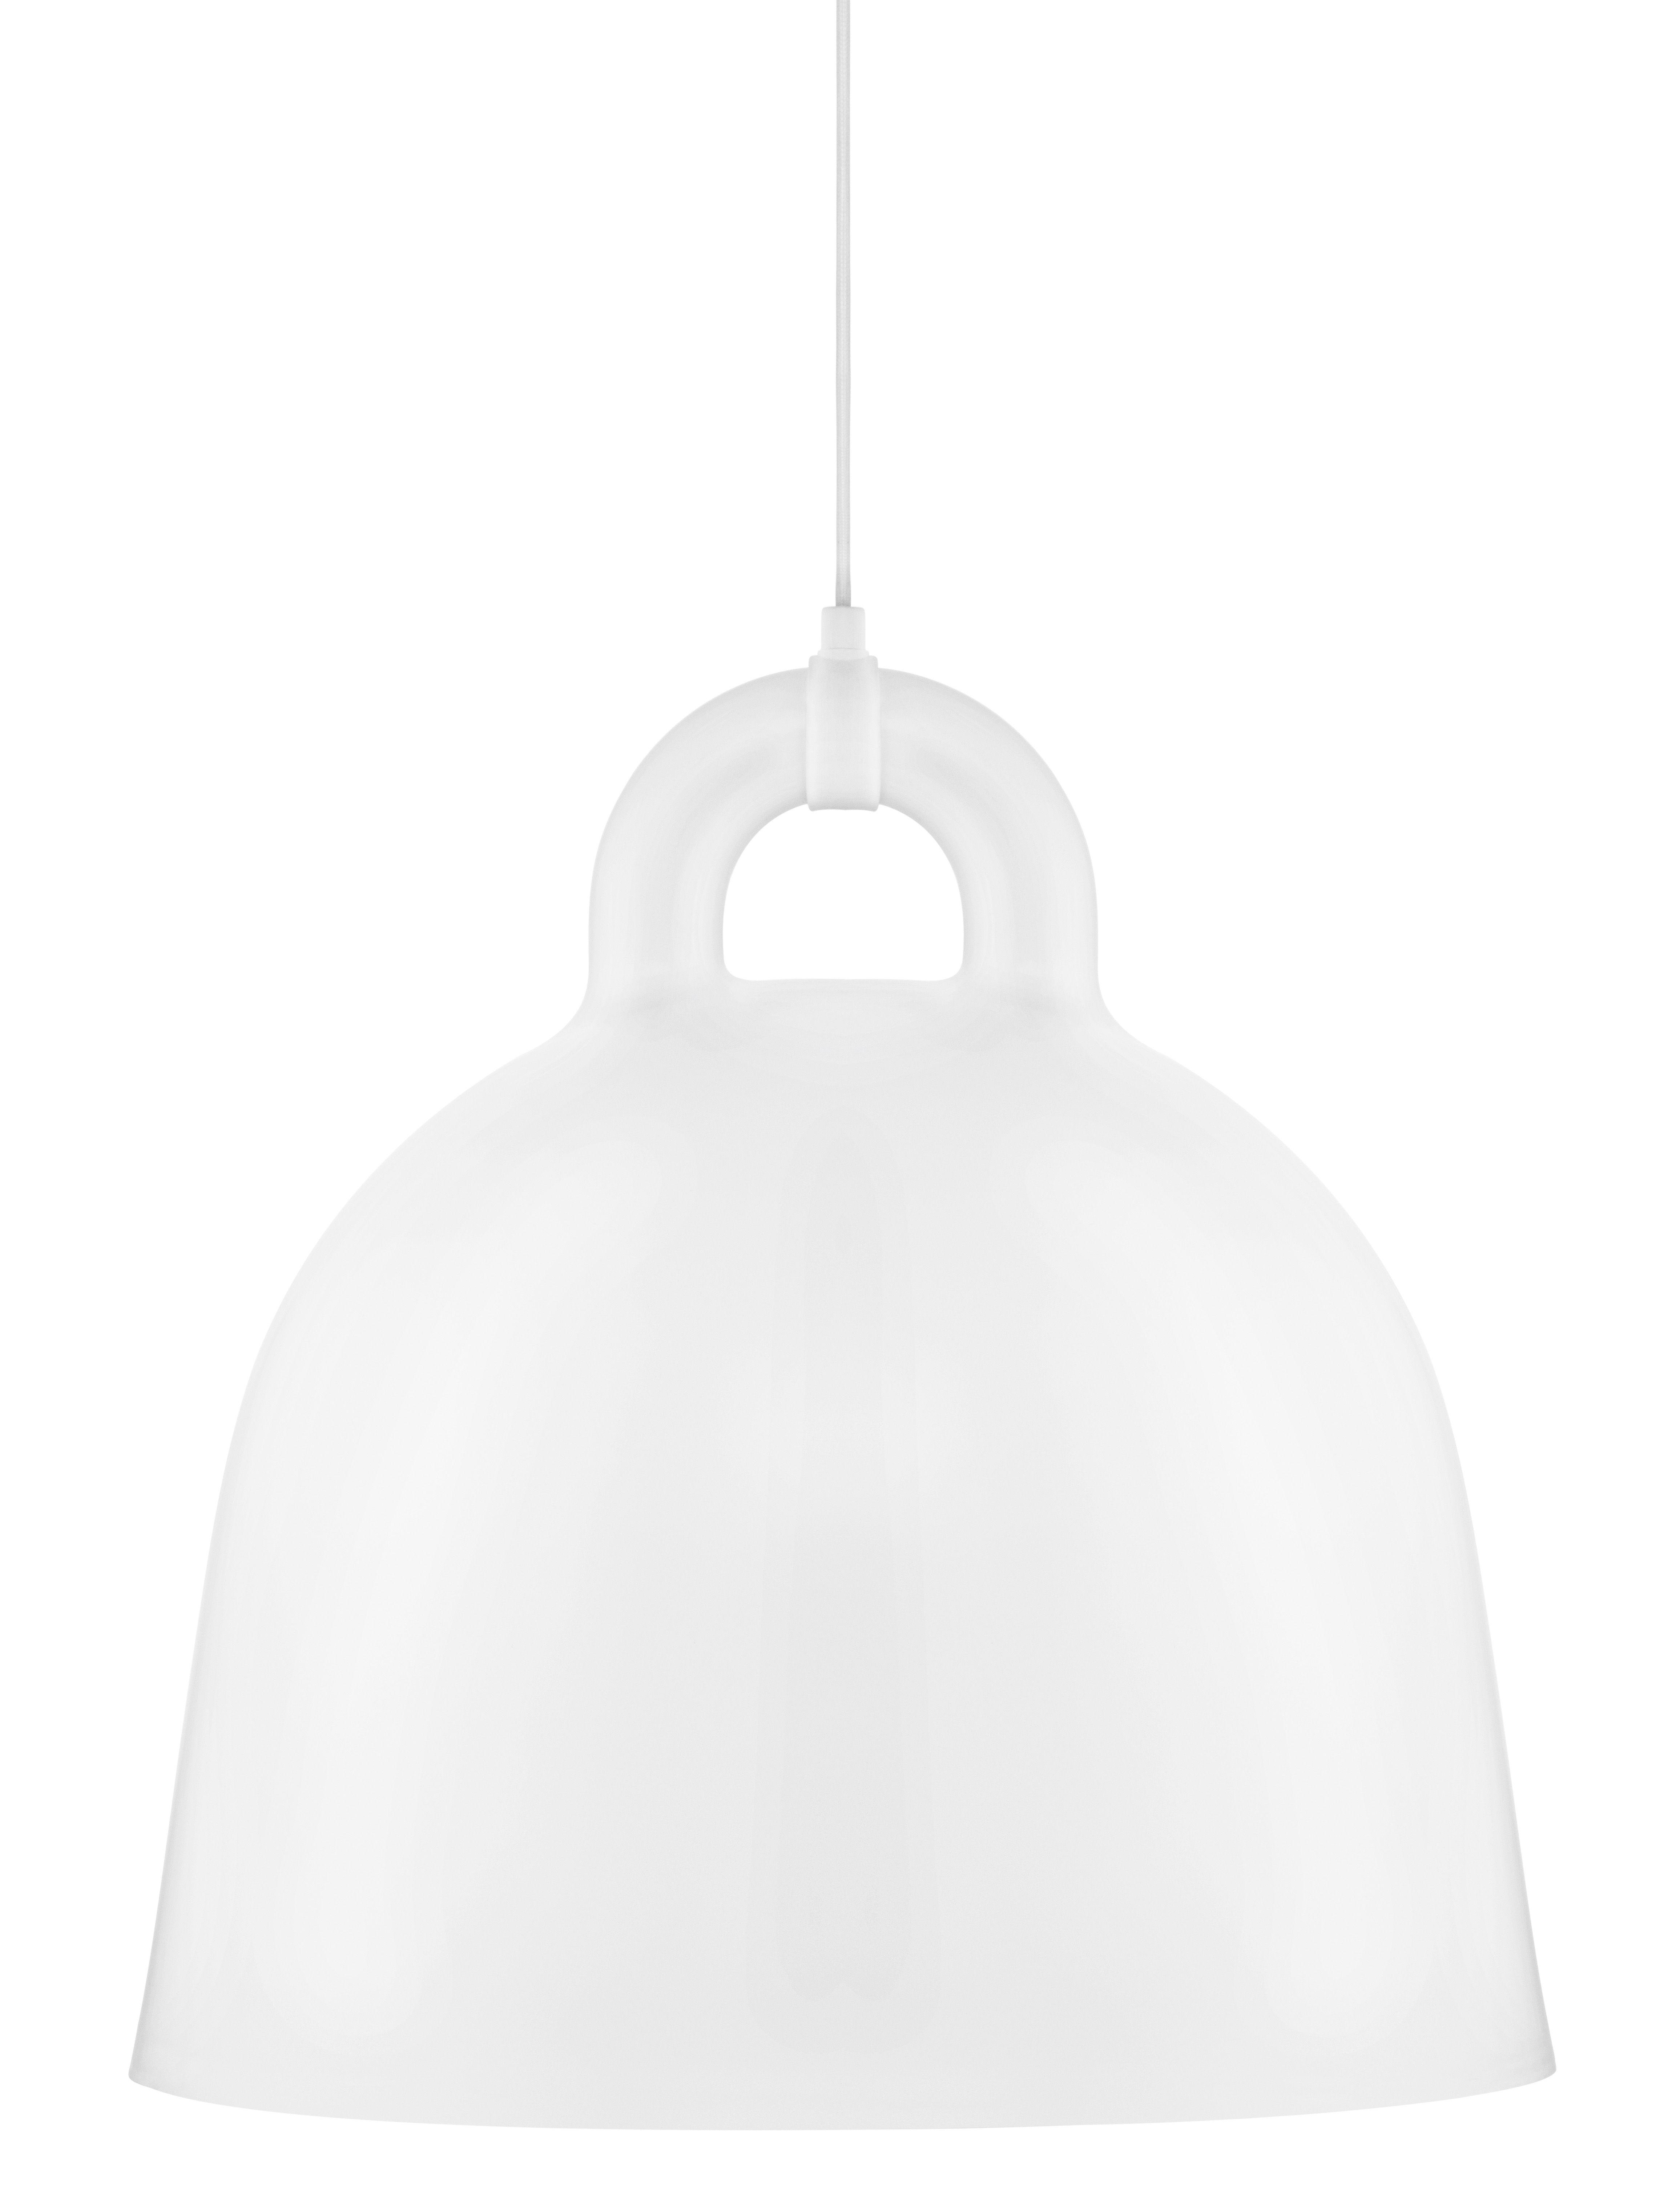 Lighting - Pendant Lighting - Bell Pendant - Large Ø 55 cm by Normann Copenhagen - Matt White & White inside - Aluminium